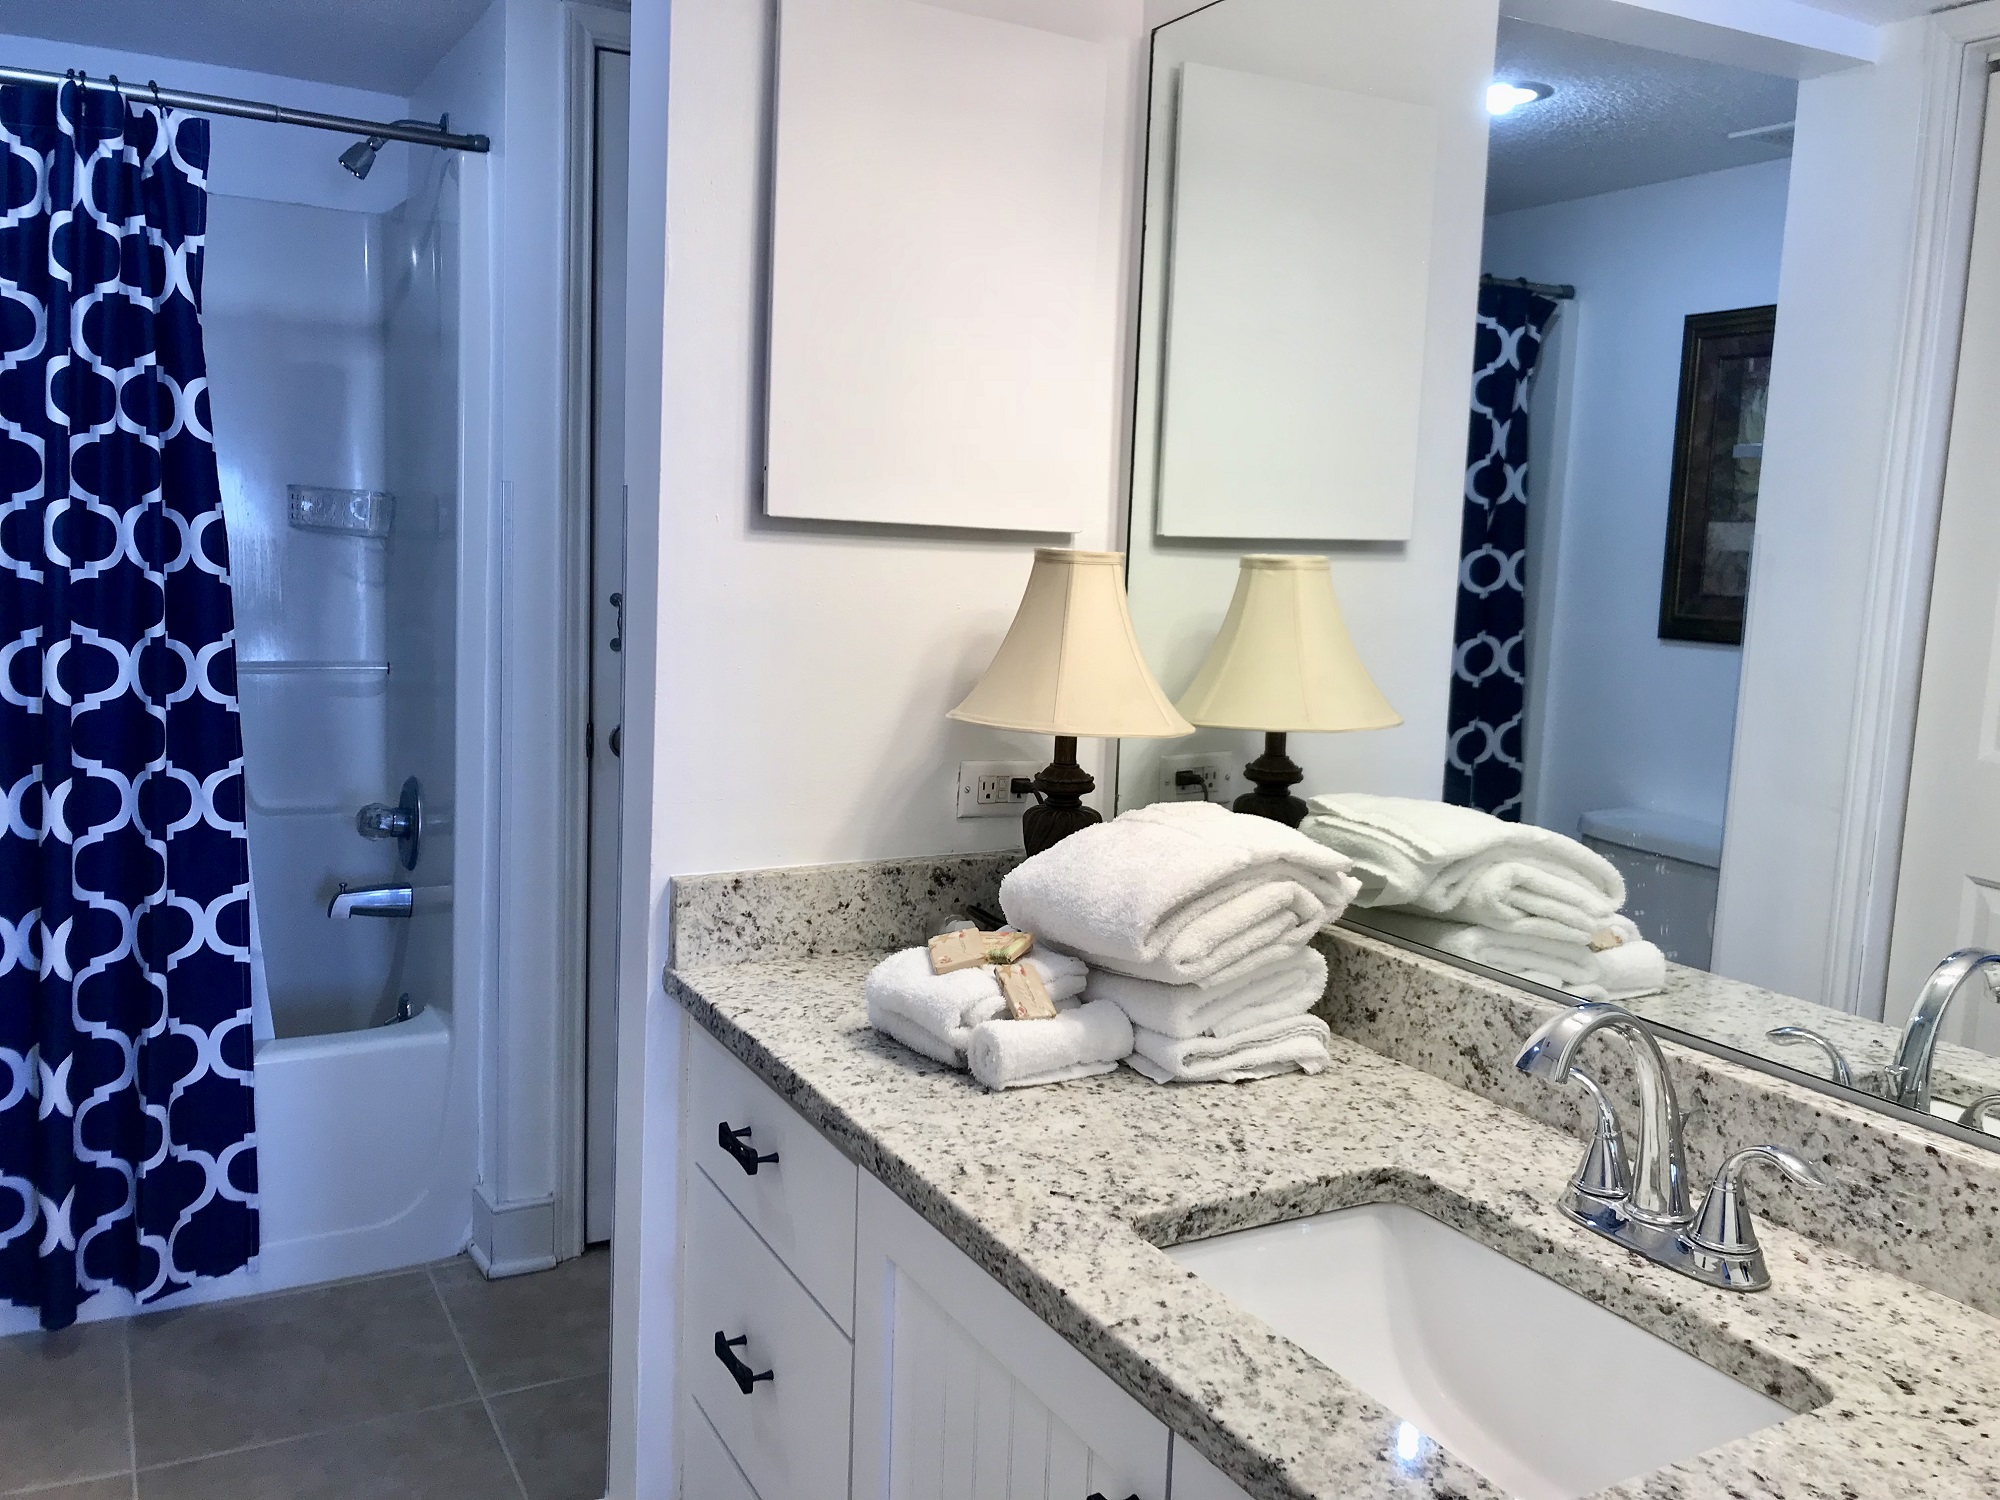 Ocean House 2804 Condo rental in Ocean House - Gulf Shores in Gulf Shores Alabama - #26